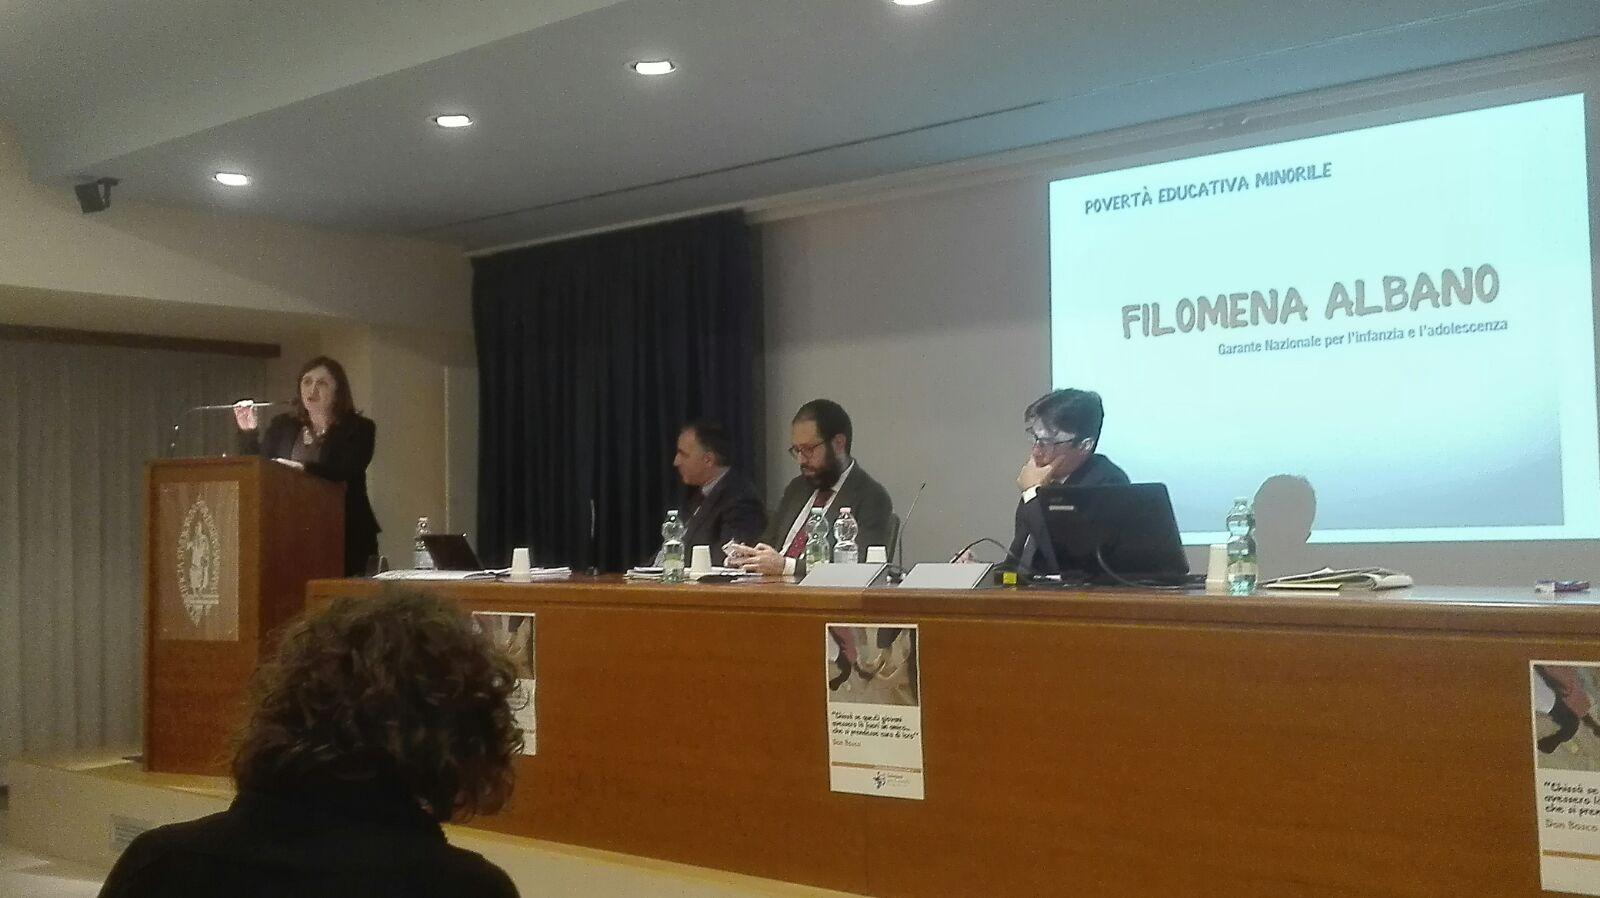 La tavola rotonda sulla povertà educativa all'Università salesiana di Roma